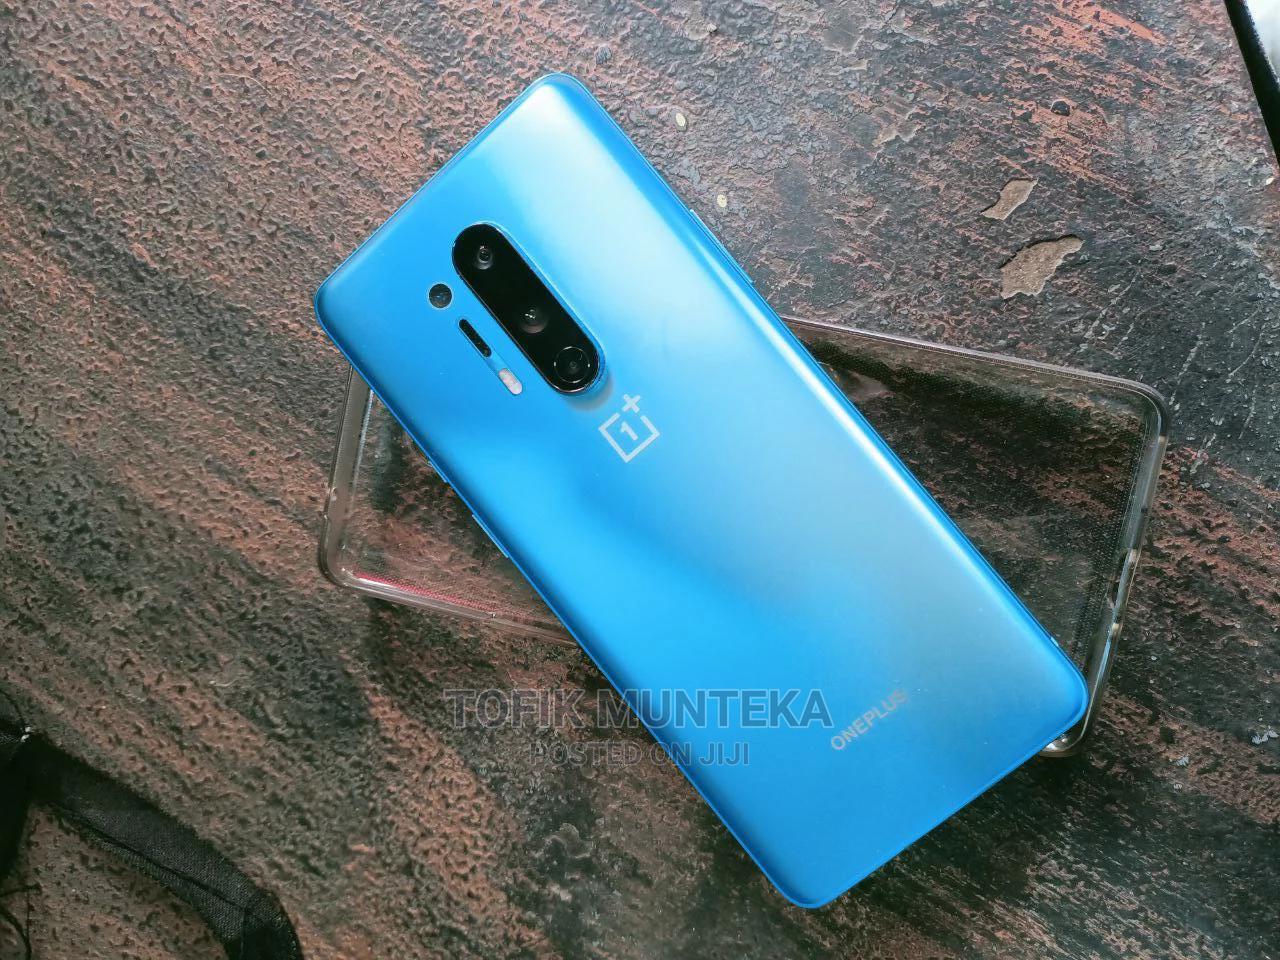 OnePlus 8 Pro 256 GB Blue